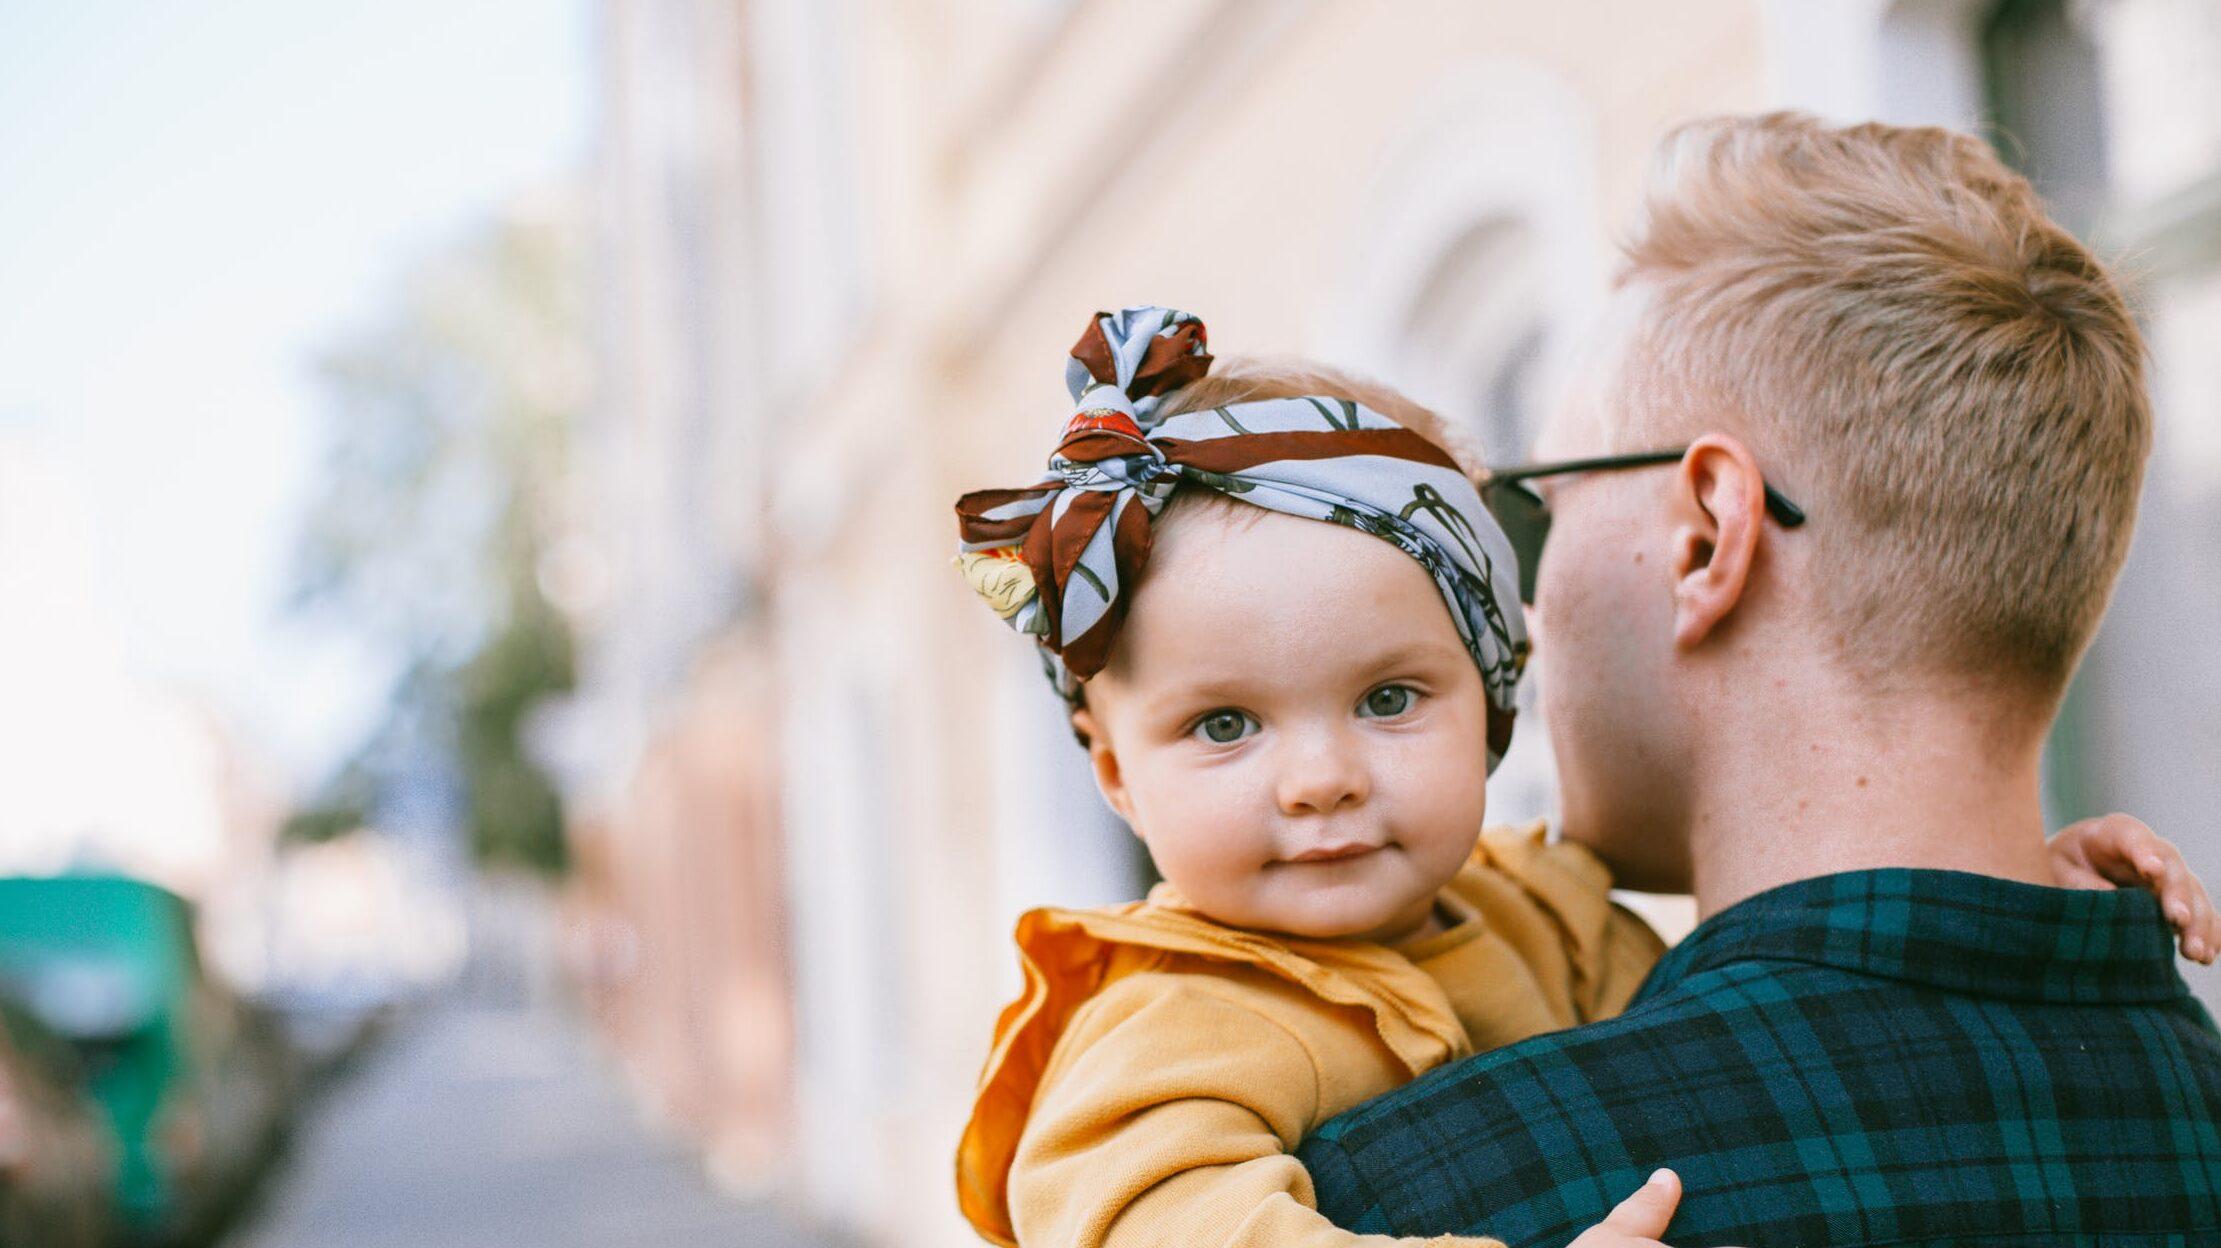 子供が生まれてから旦那とうまくいかないイメージ画像3